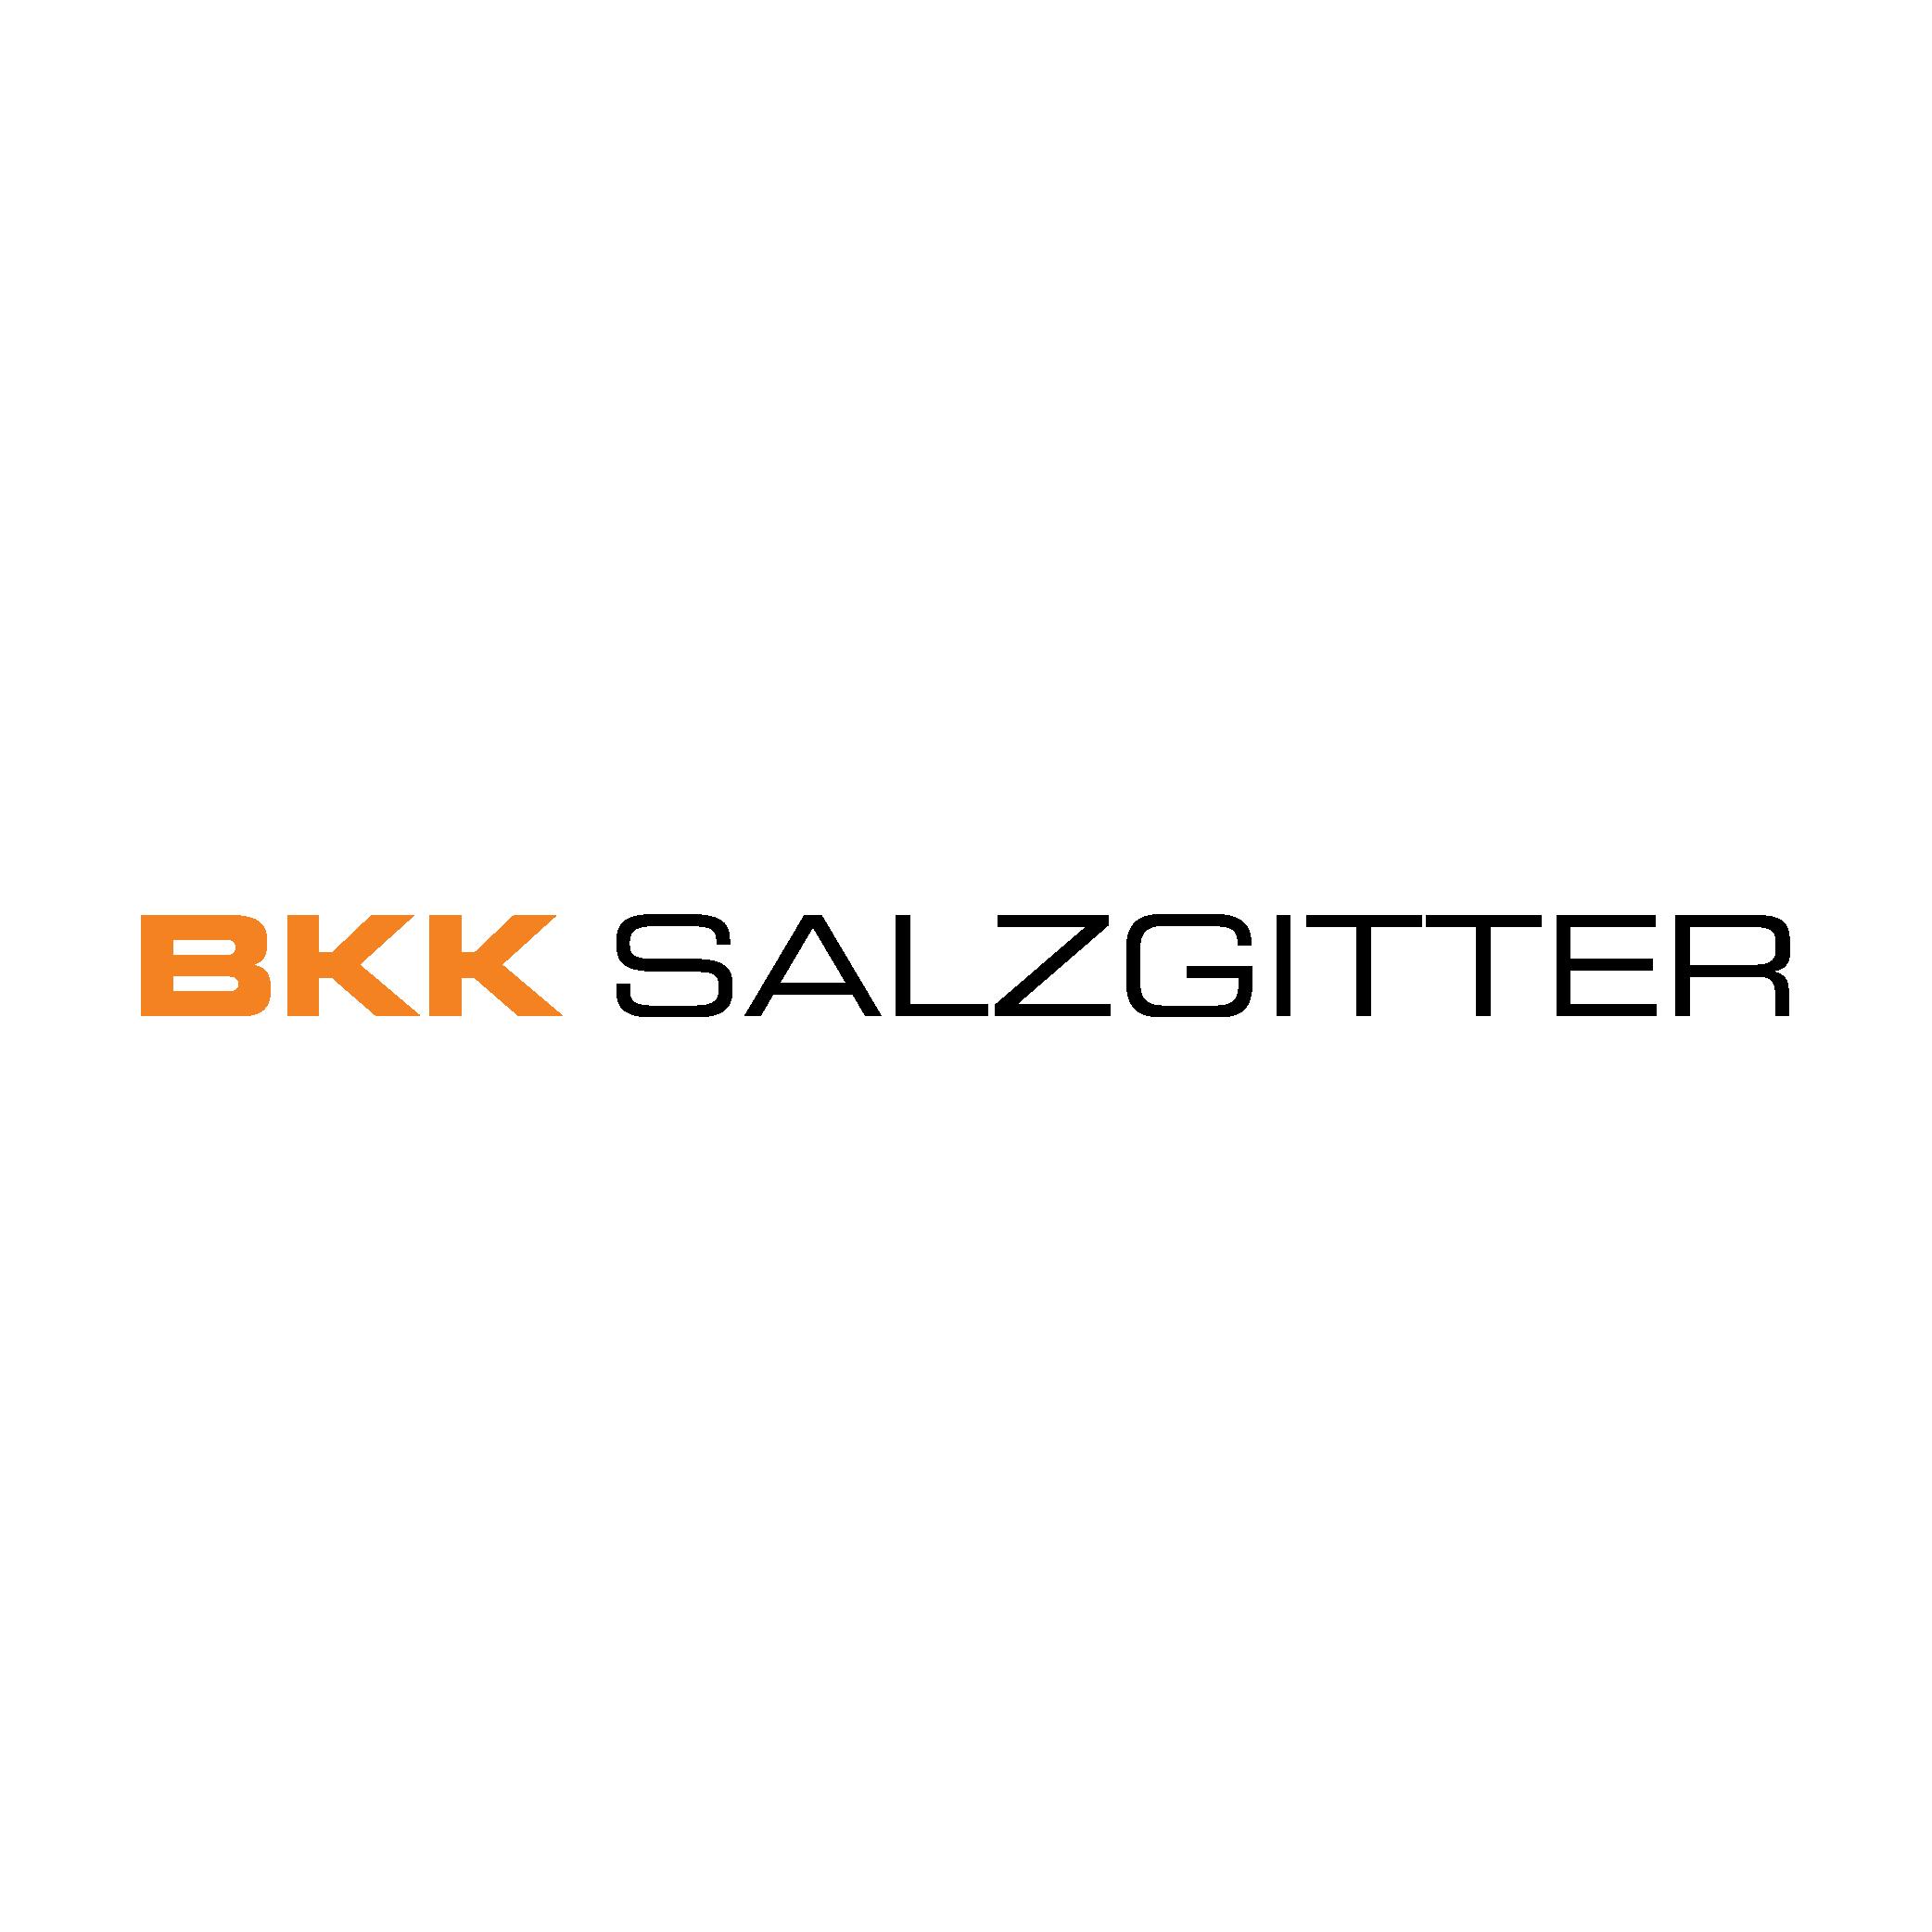 Markenzeichen der BKK Salzgitter